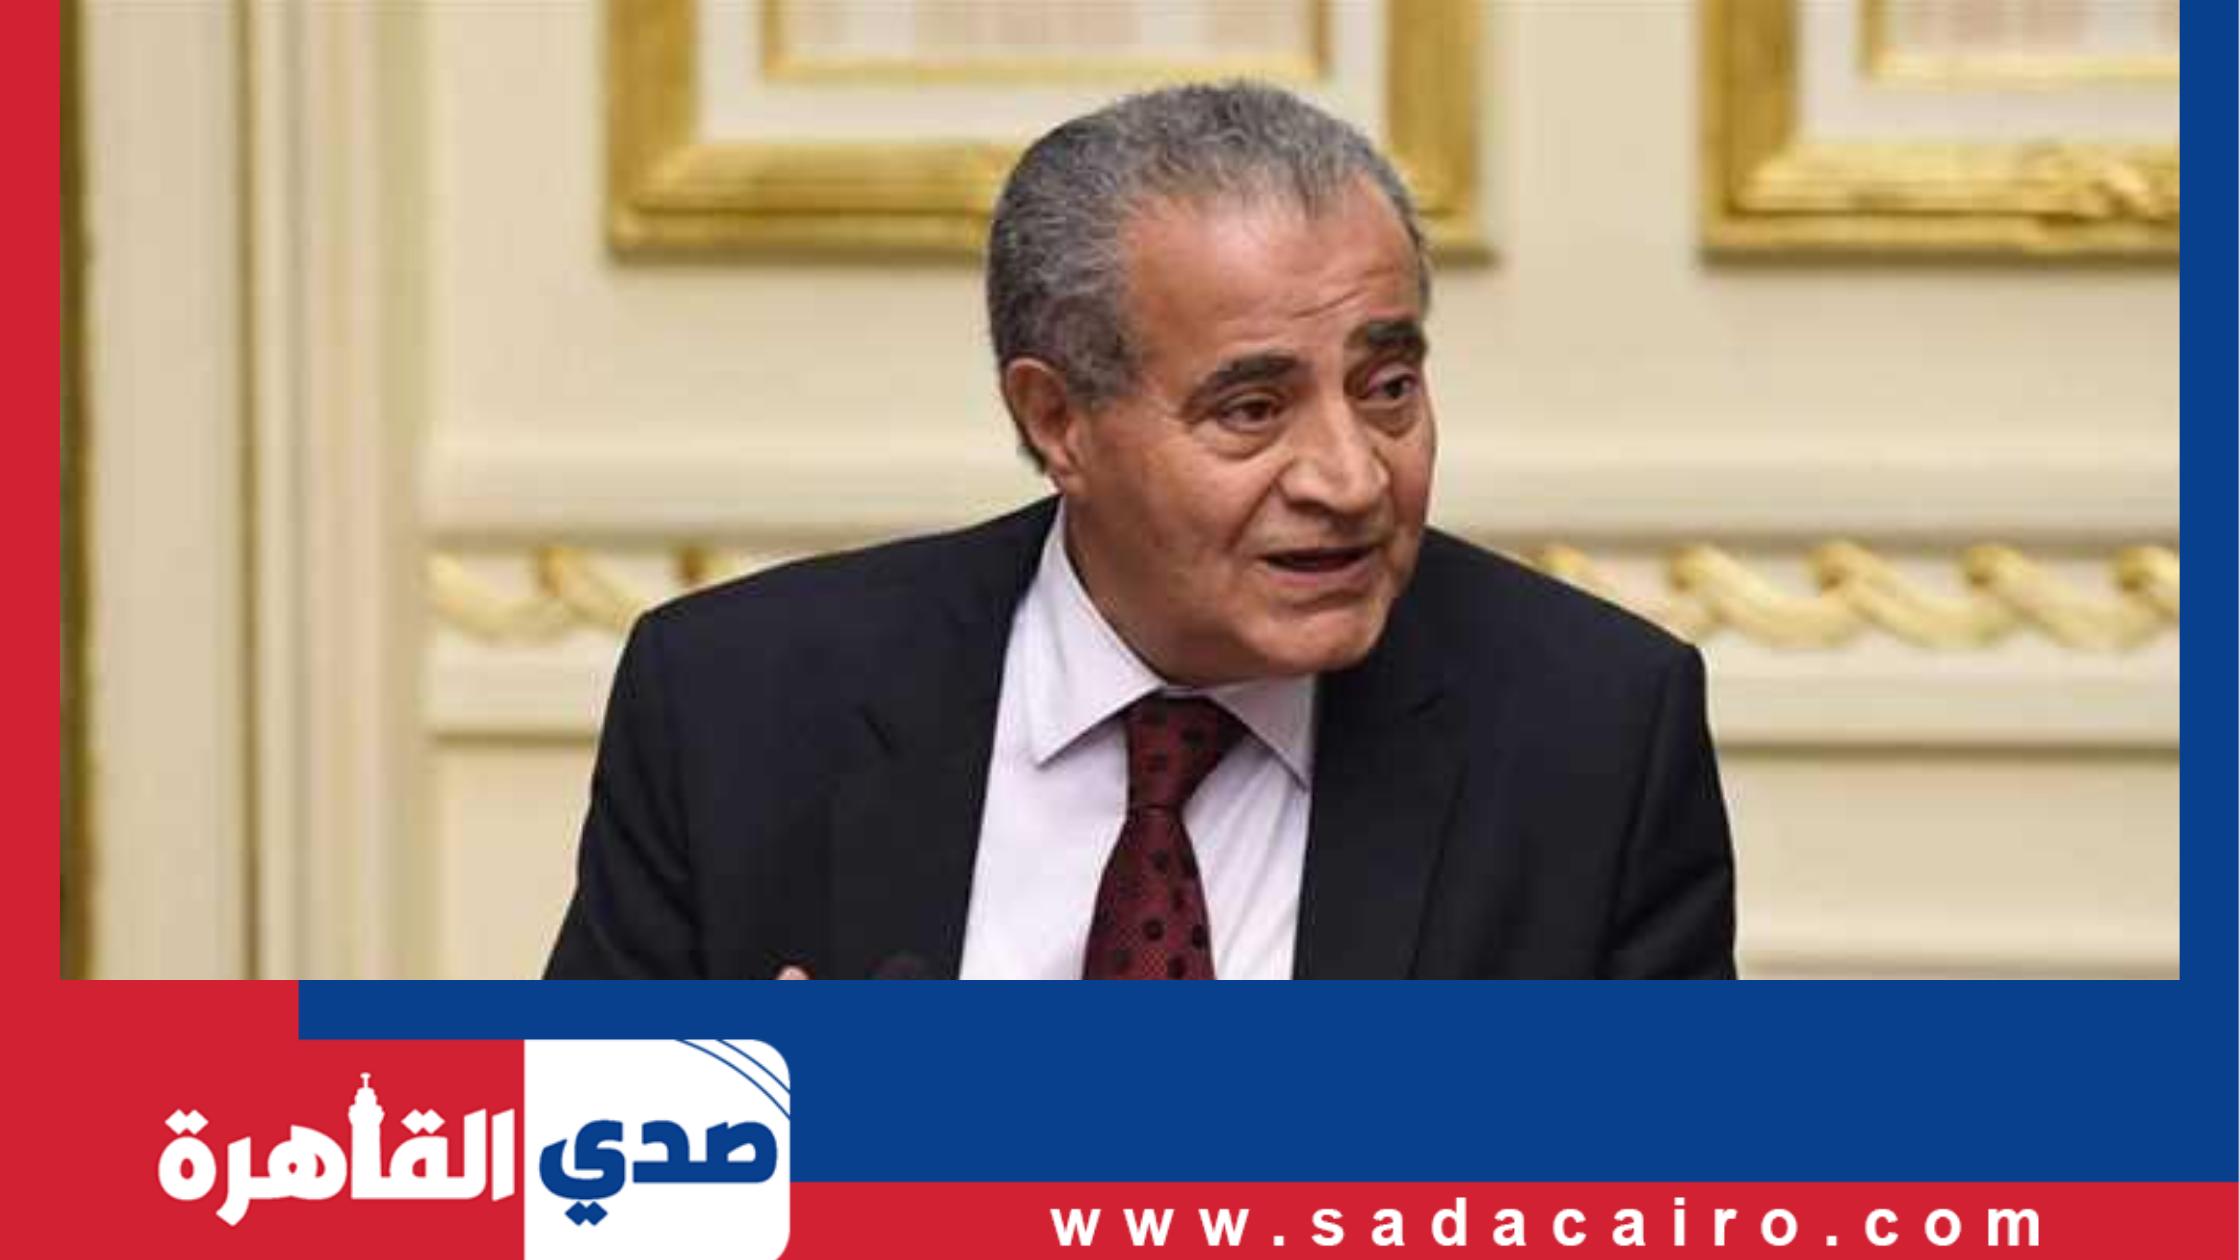 قرار جديد من وزارة التموين بشأن المقررات المقررات التموينية